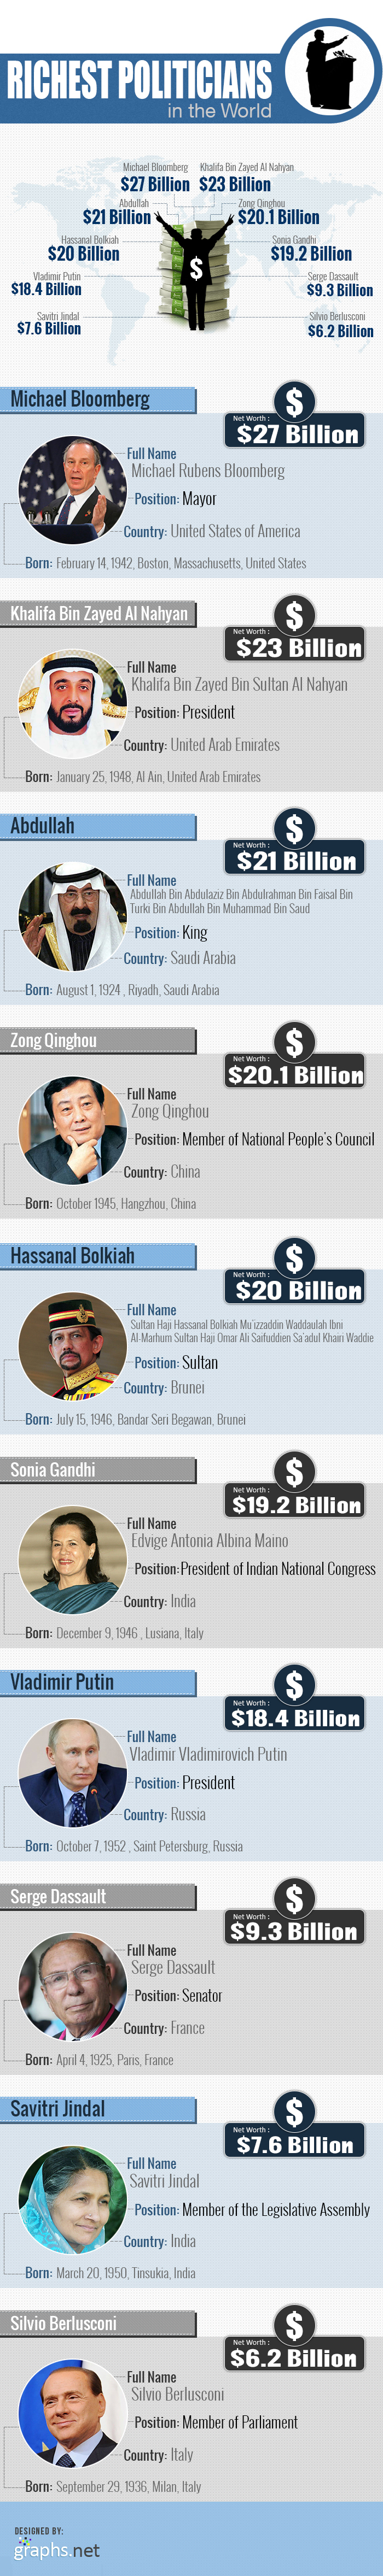 Worlds Richest Politicians